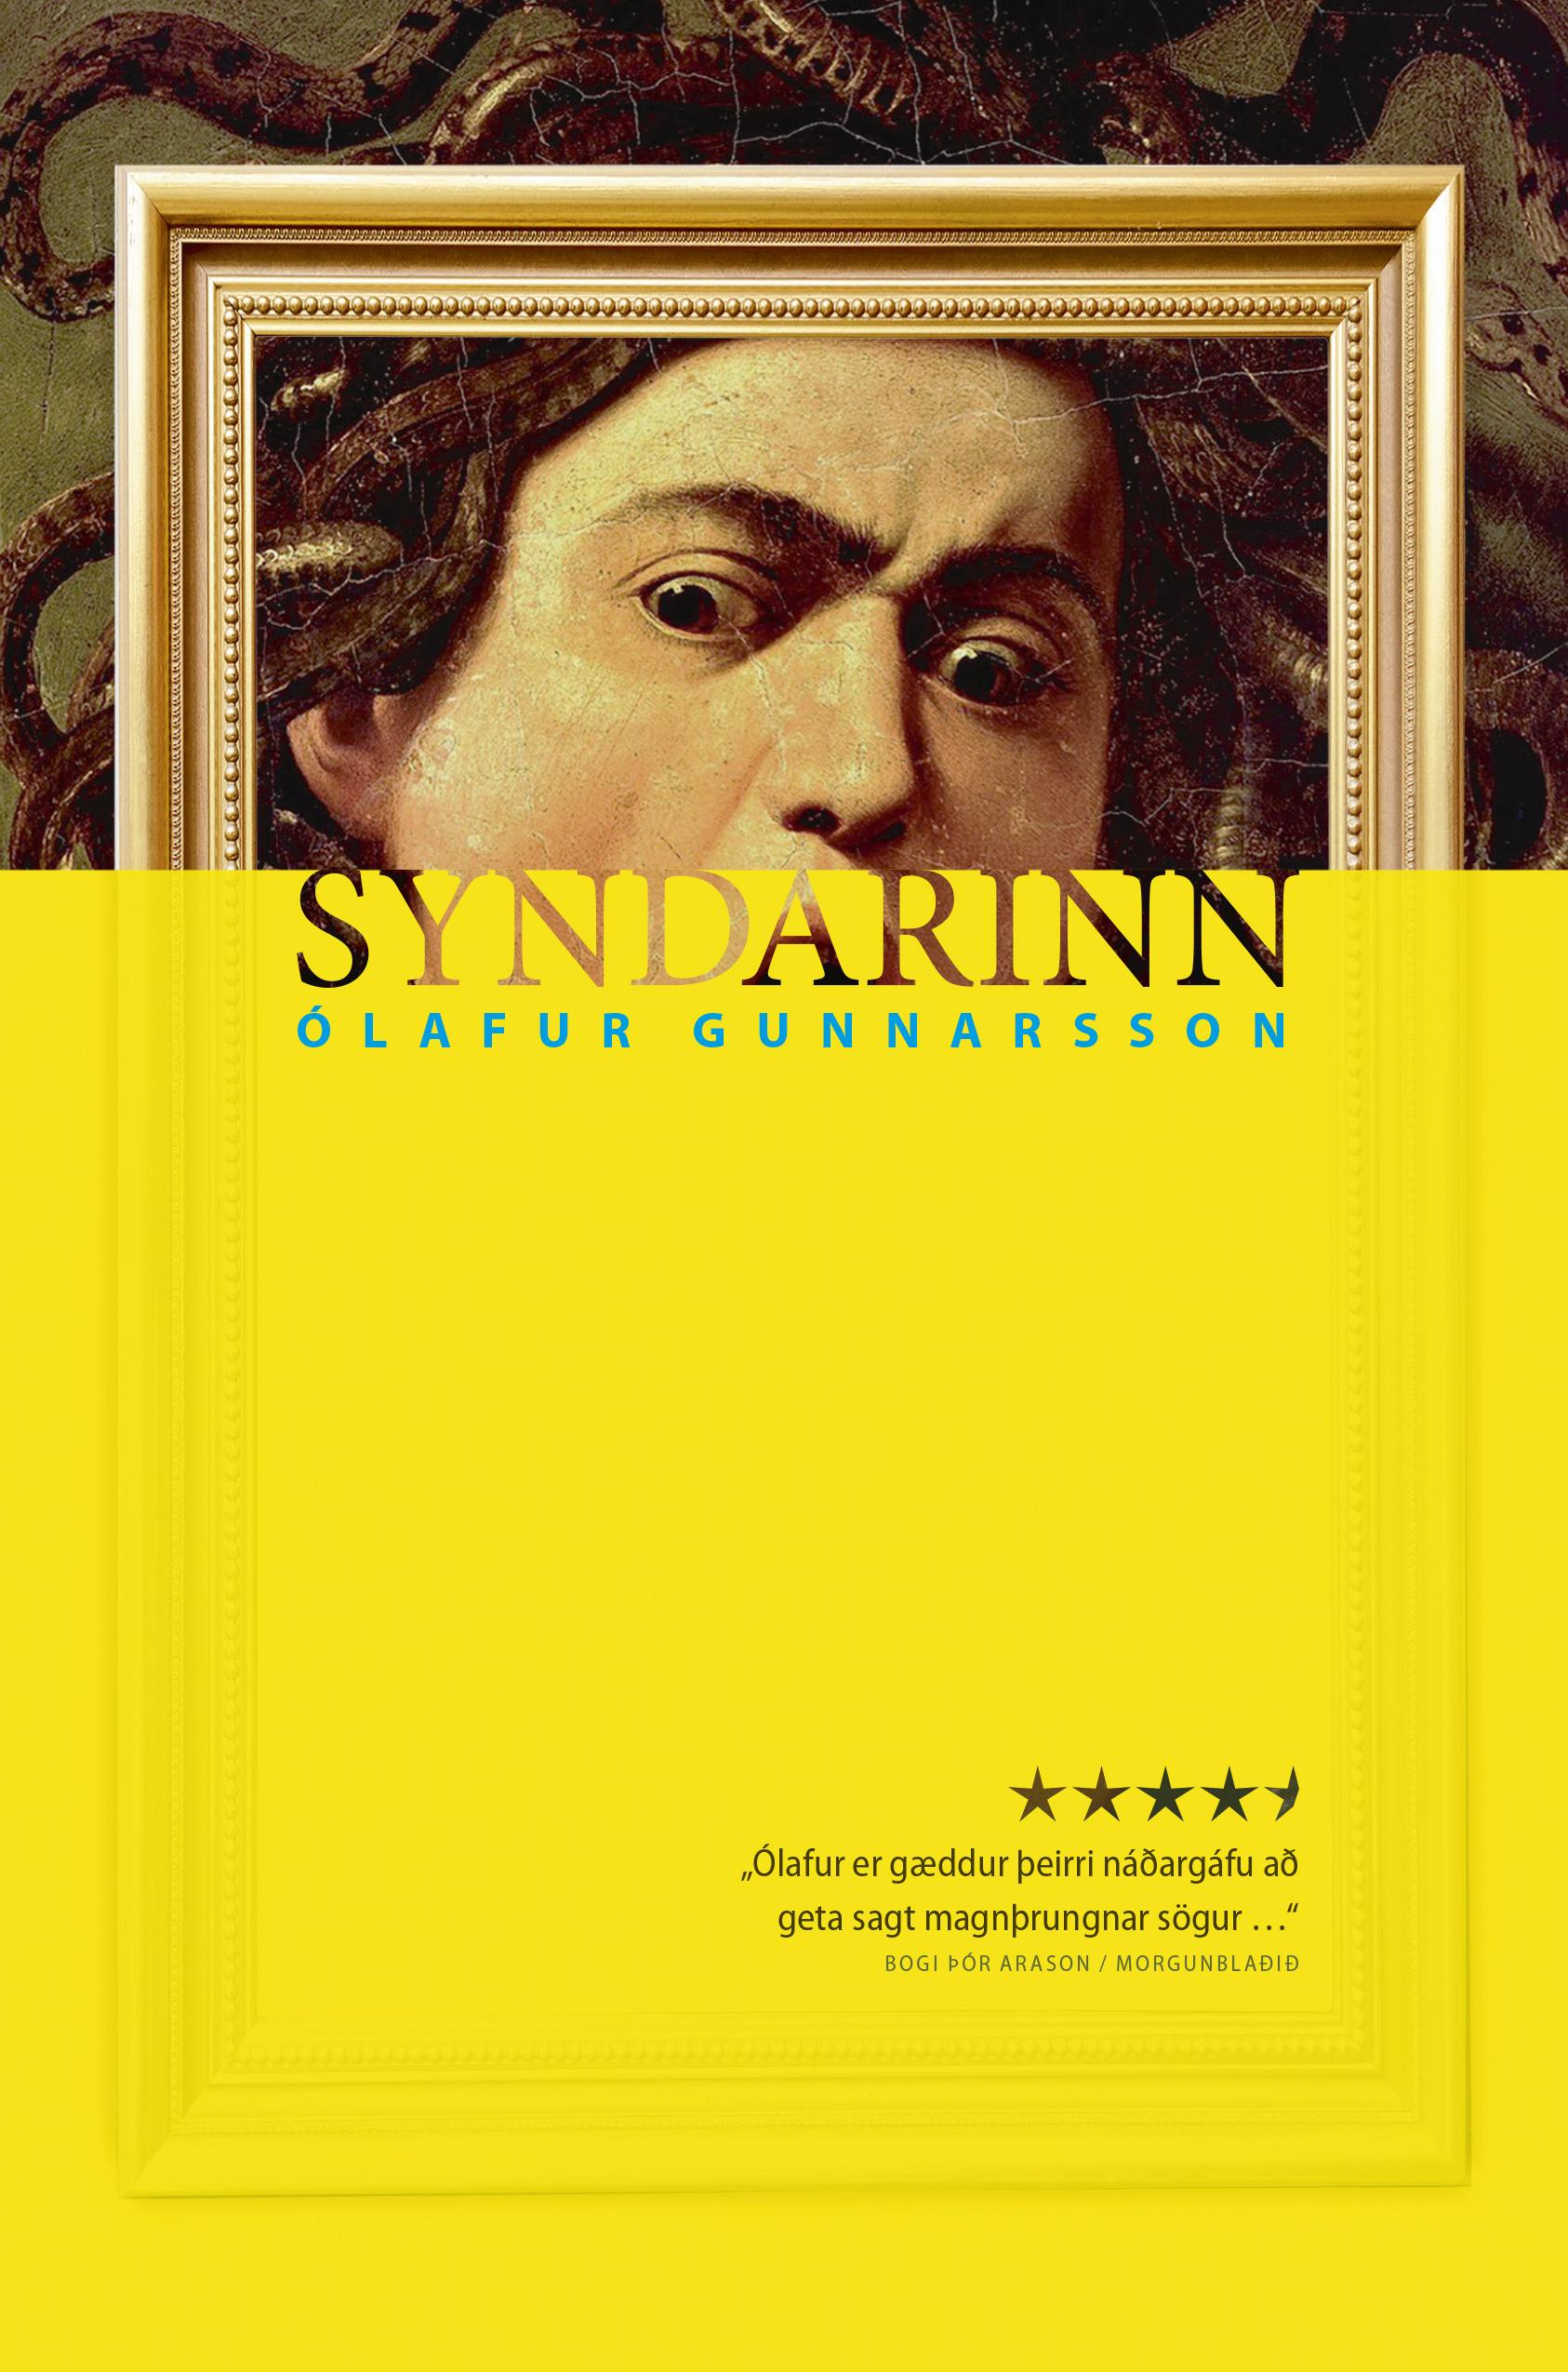 Syndarinn